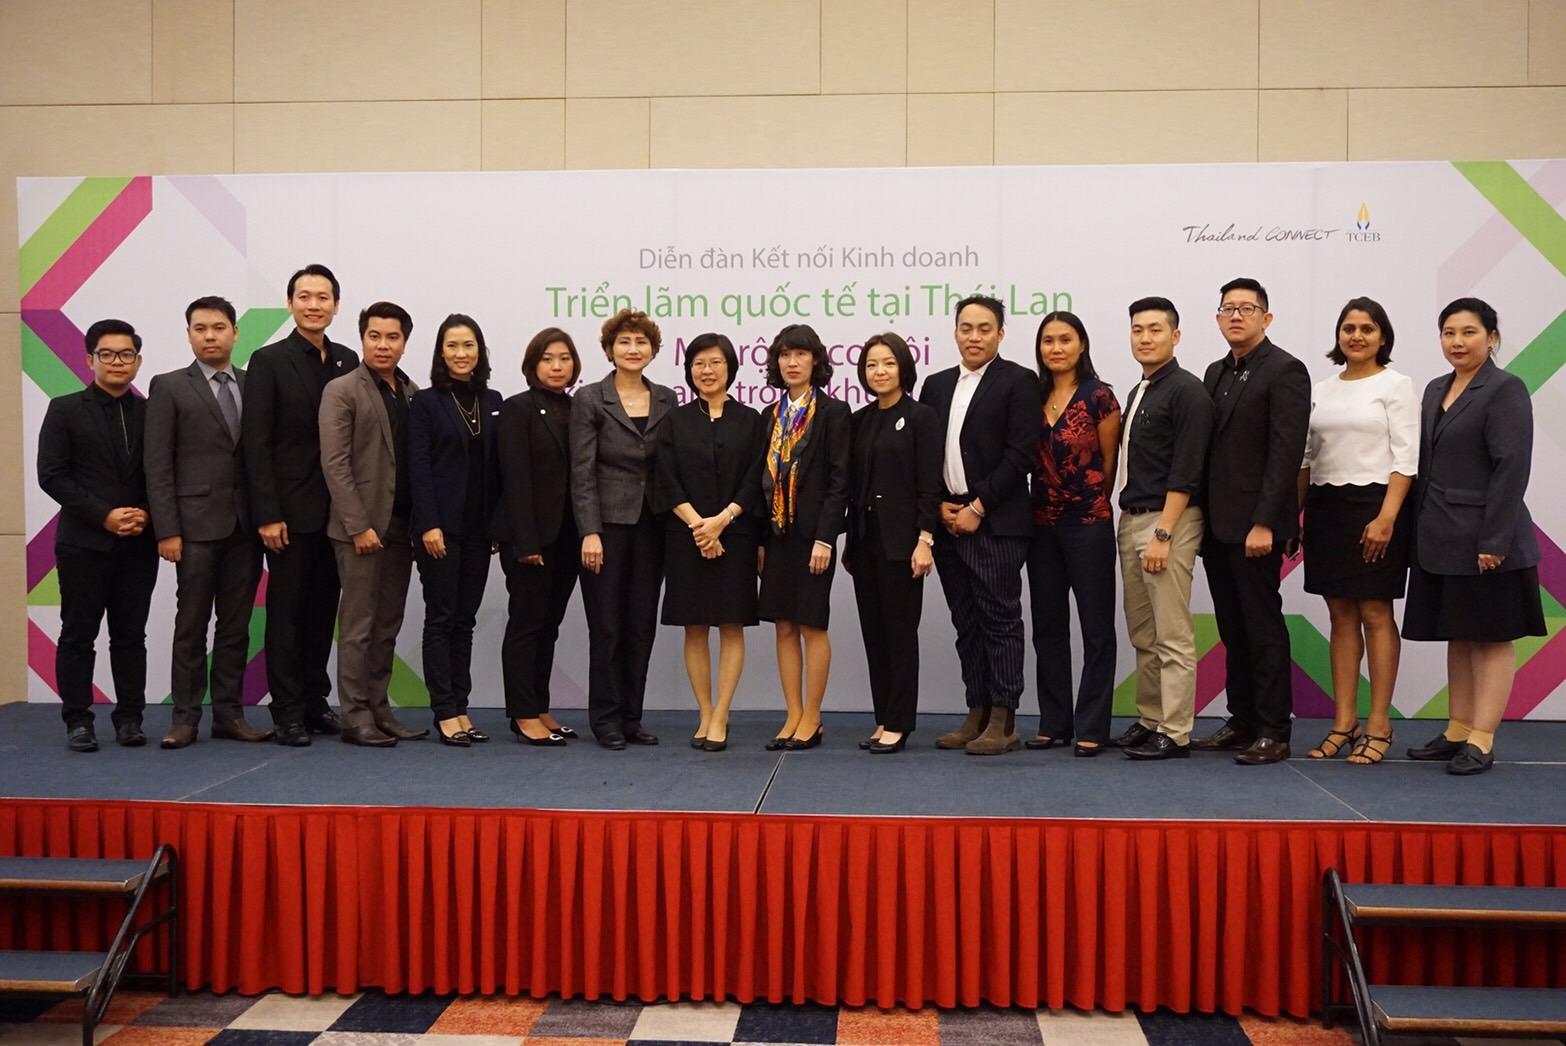 นิชิโอะฯ ร่วมกับ สสปน. โรดโชว์ประชาสัมพันธ์งาน Thailand International TRUCK SHOW 2017 ณ กรุงฮานอย ประเทศเวียดนาม